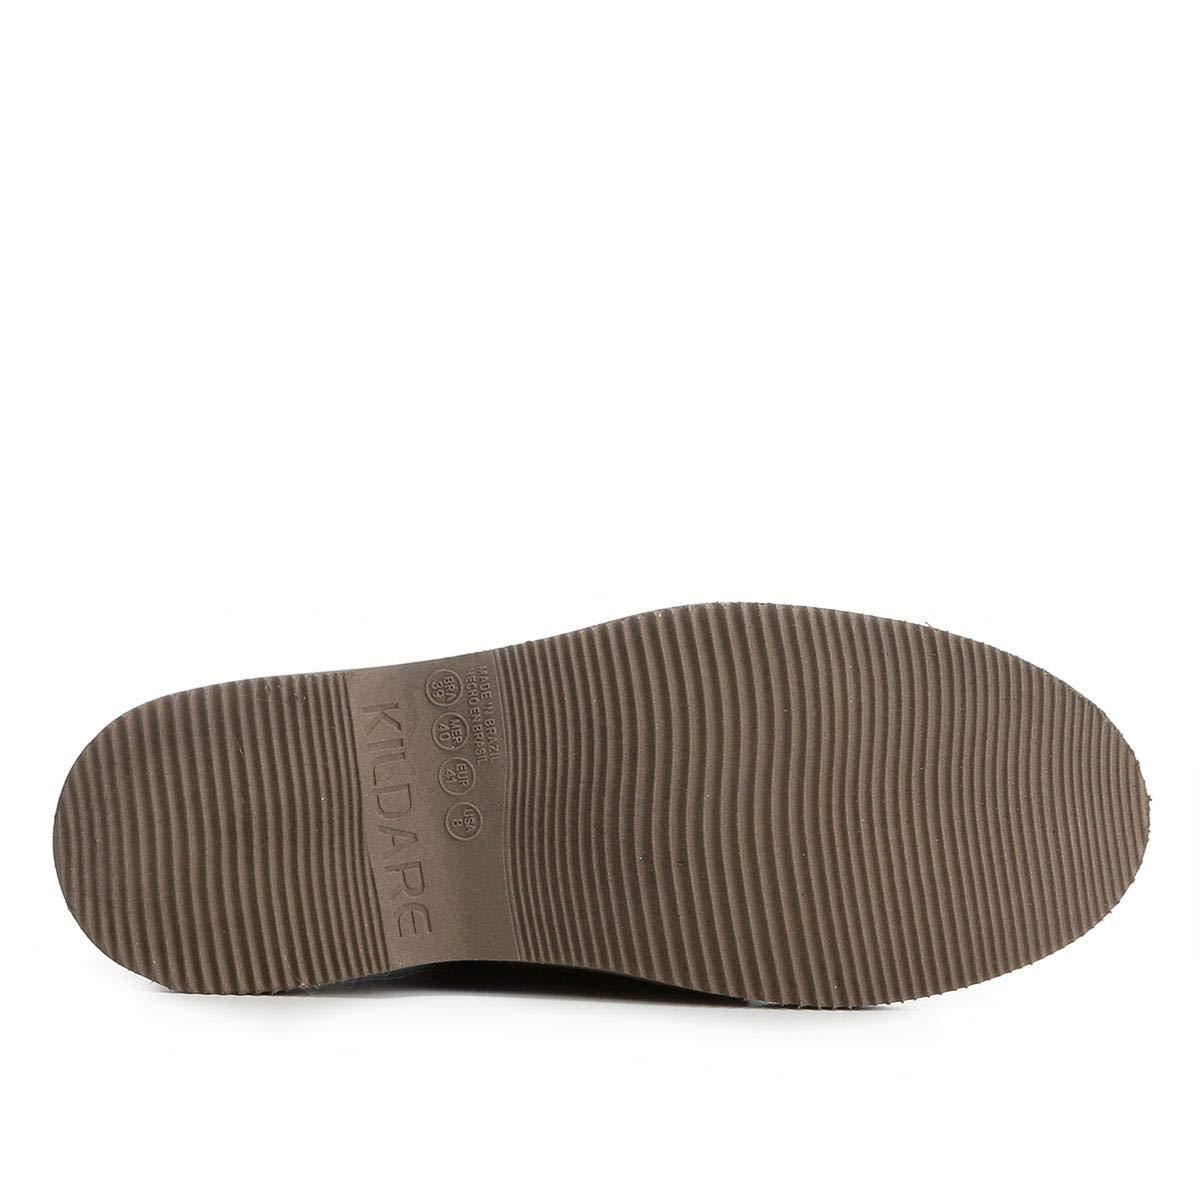 6446715e4a Sapato Casual Kildare Filey Camurça Masculino - Café - 44  Amazon.com.br   Amazon Moda